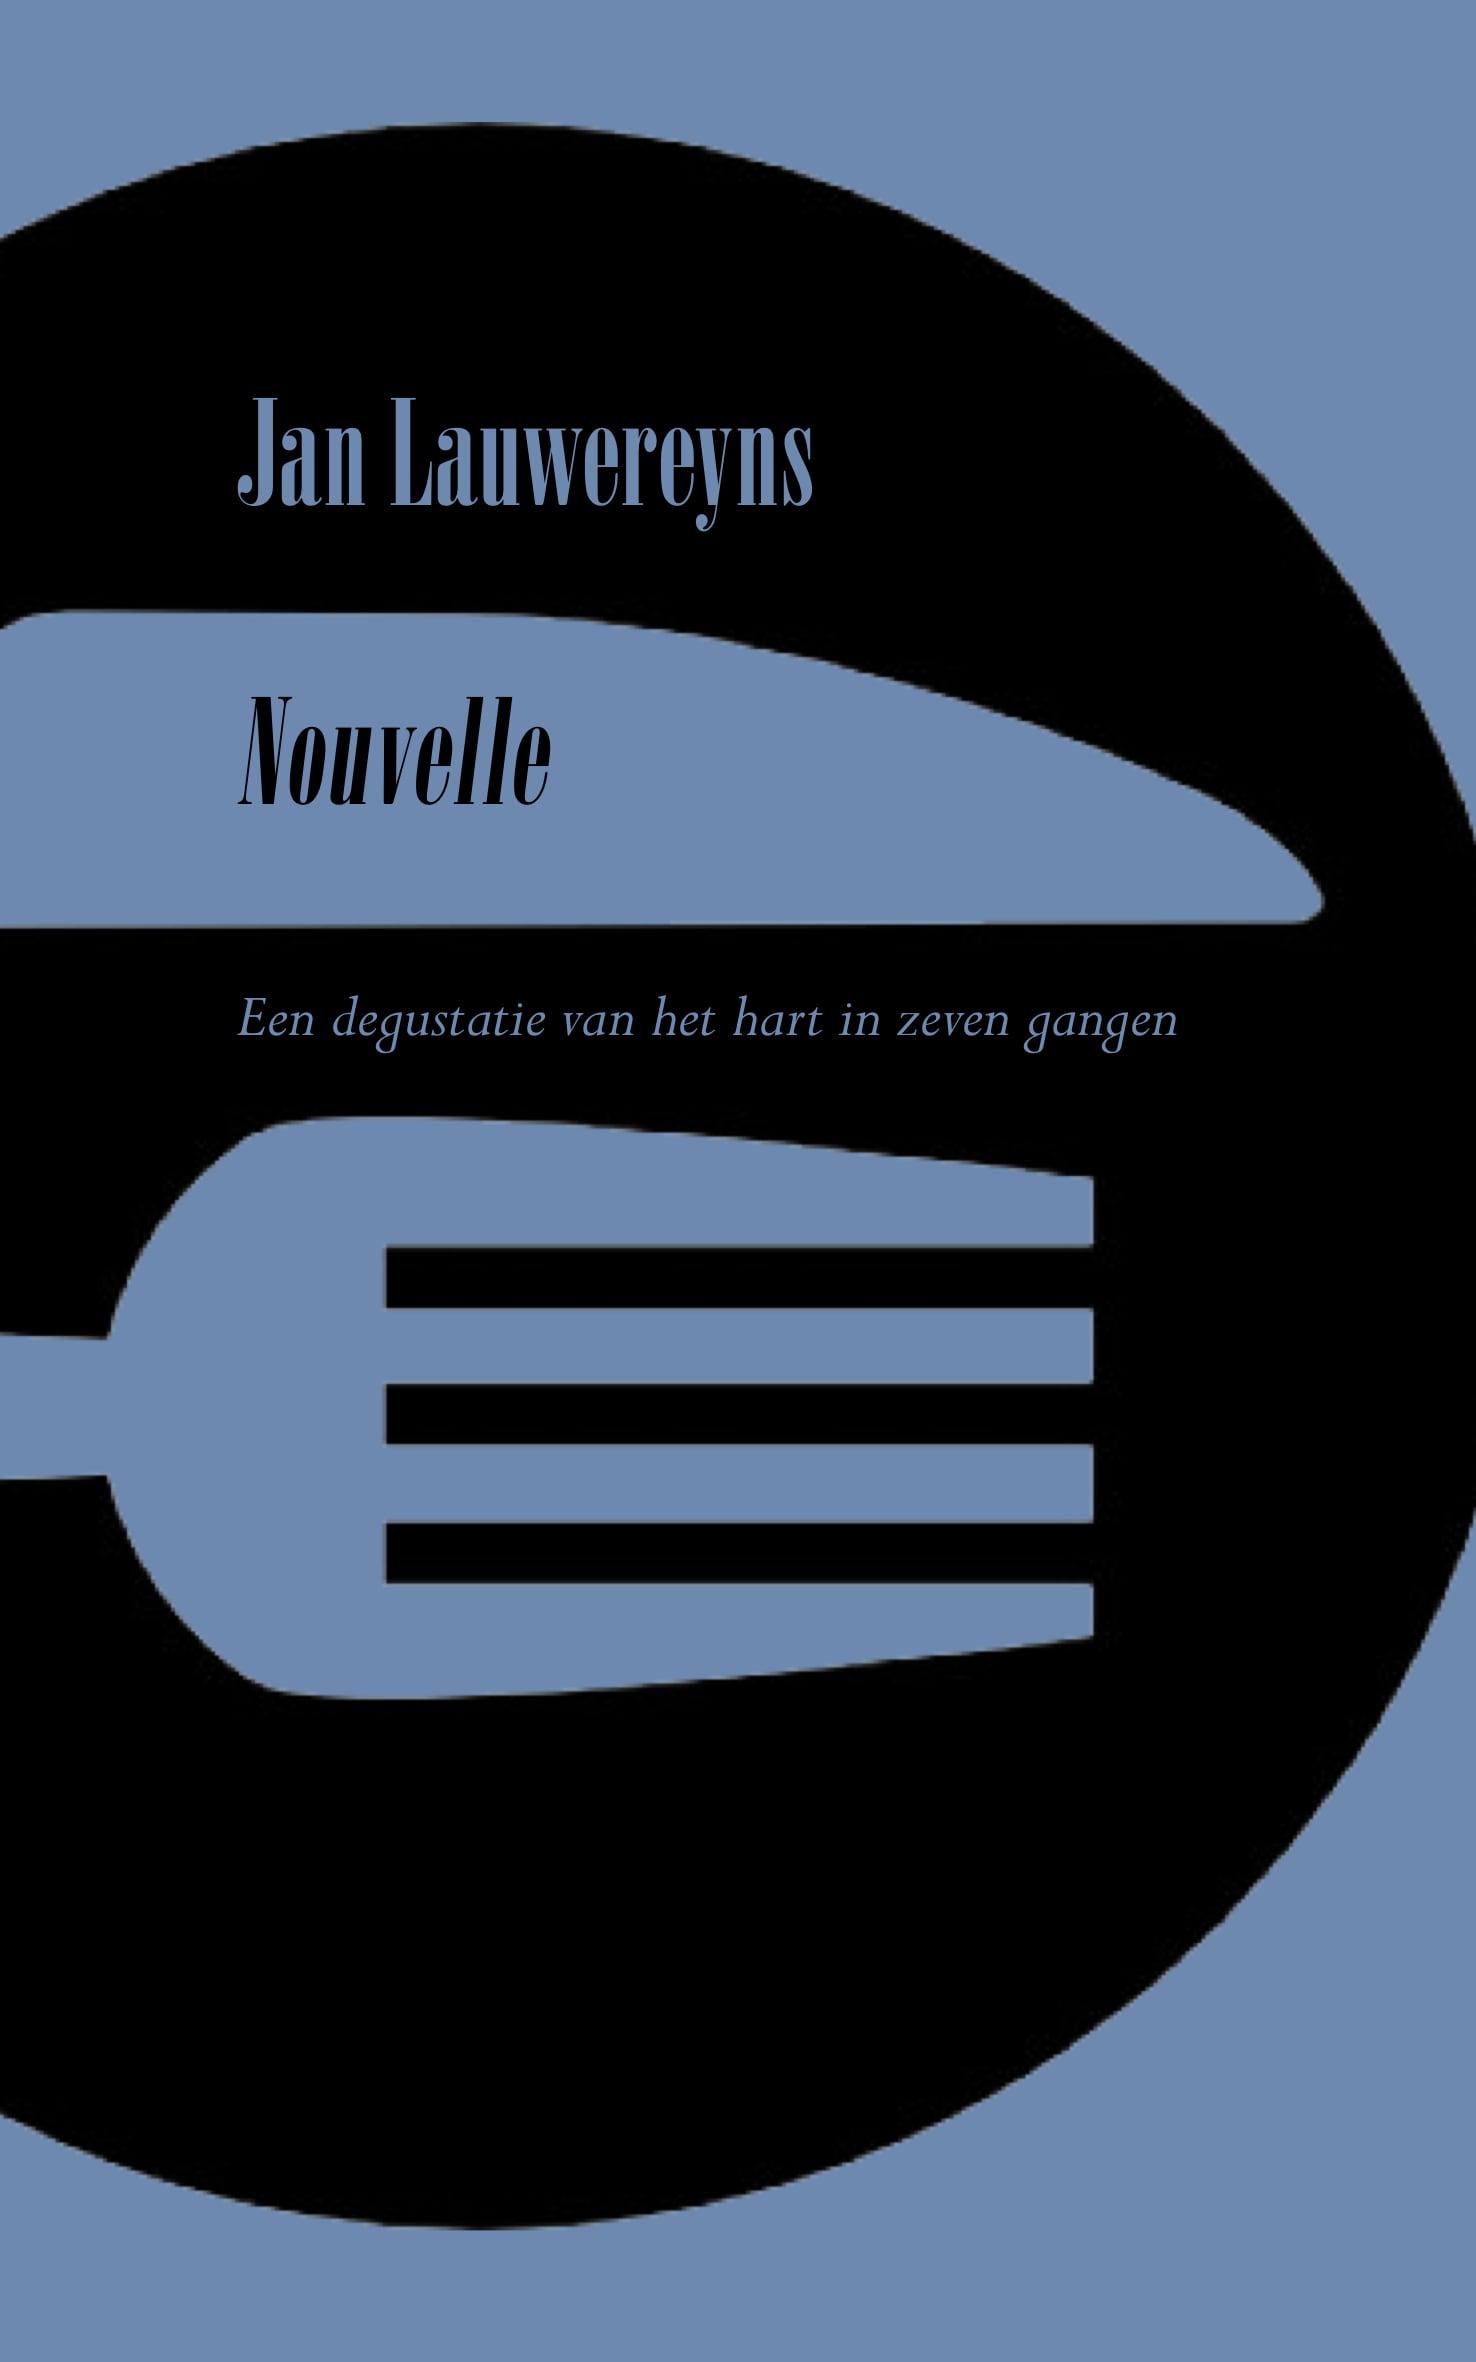 Nouvelle – Jan Lauwereyns